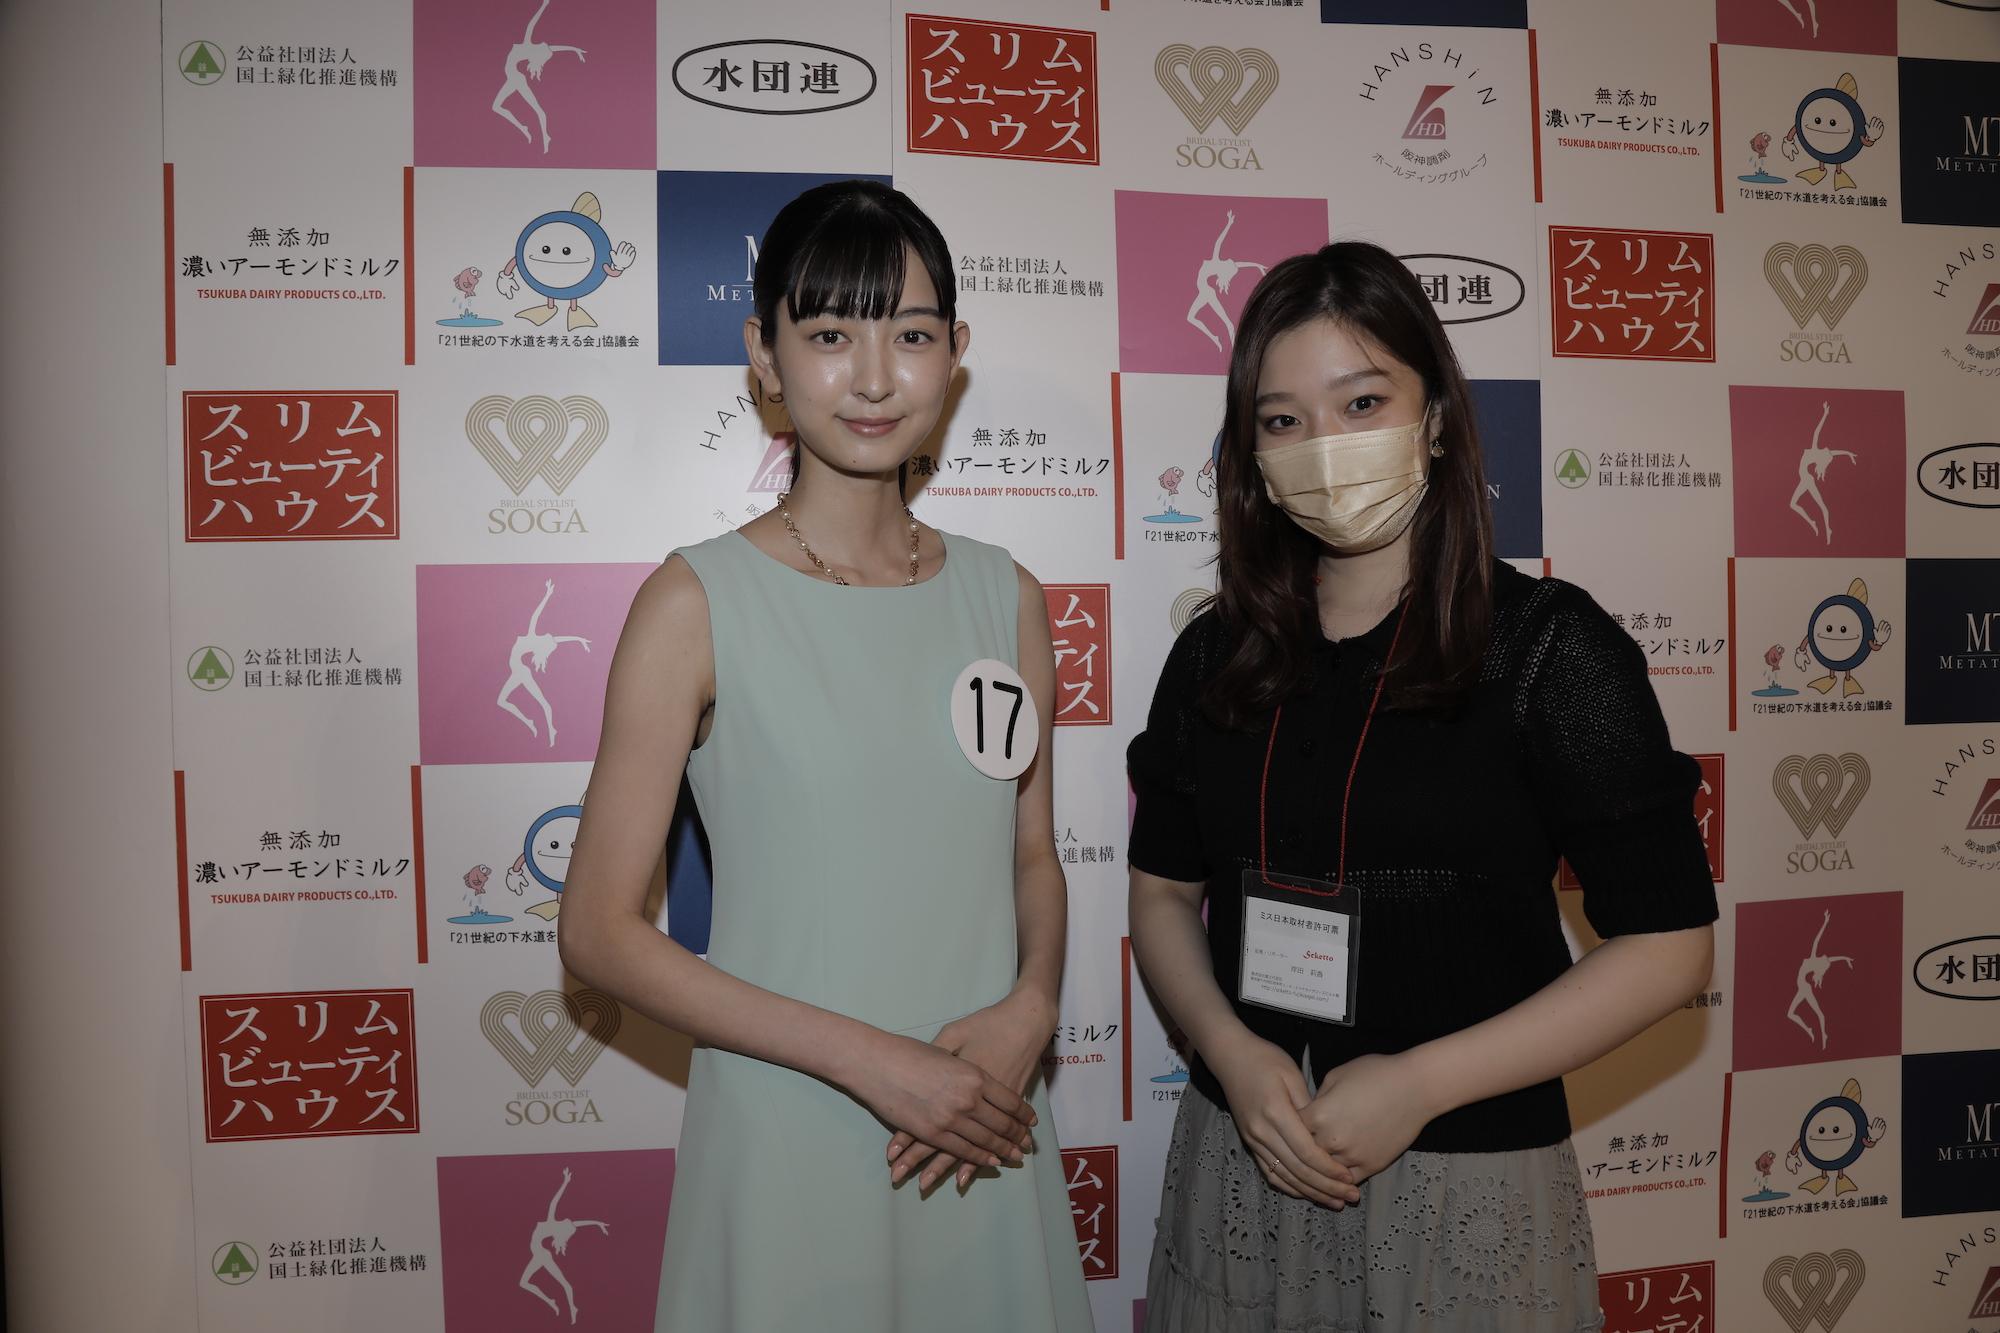 成田愛純 ミス日本 に岸田莉香(中央大学2年)がインタビュー。ACTRESS PRESS